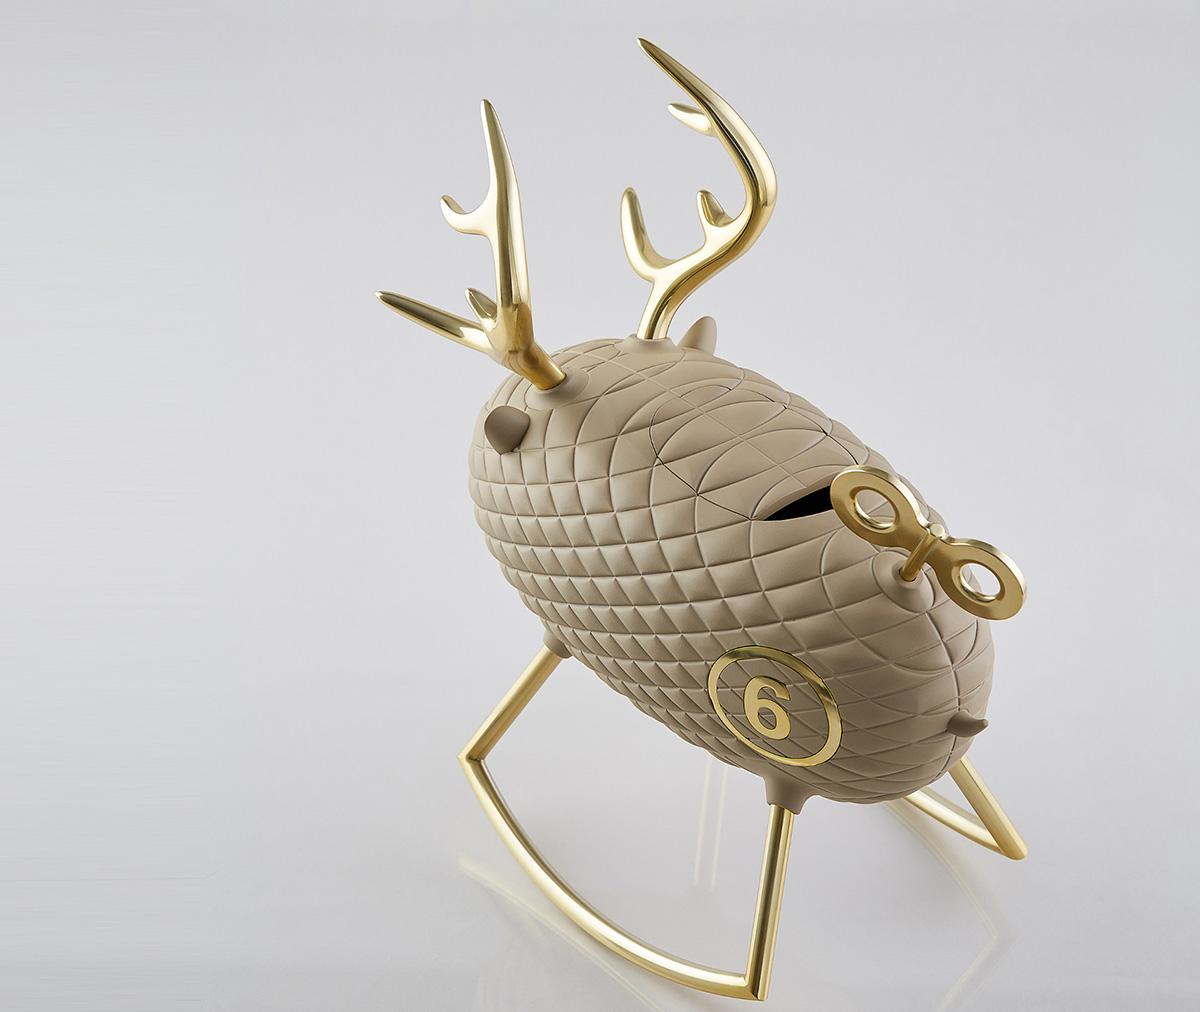 09-the-endangered-trigger-design